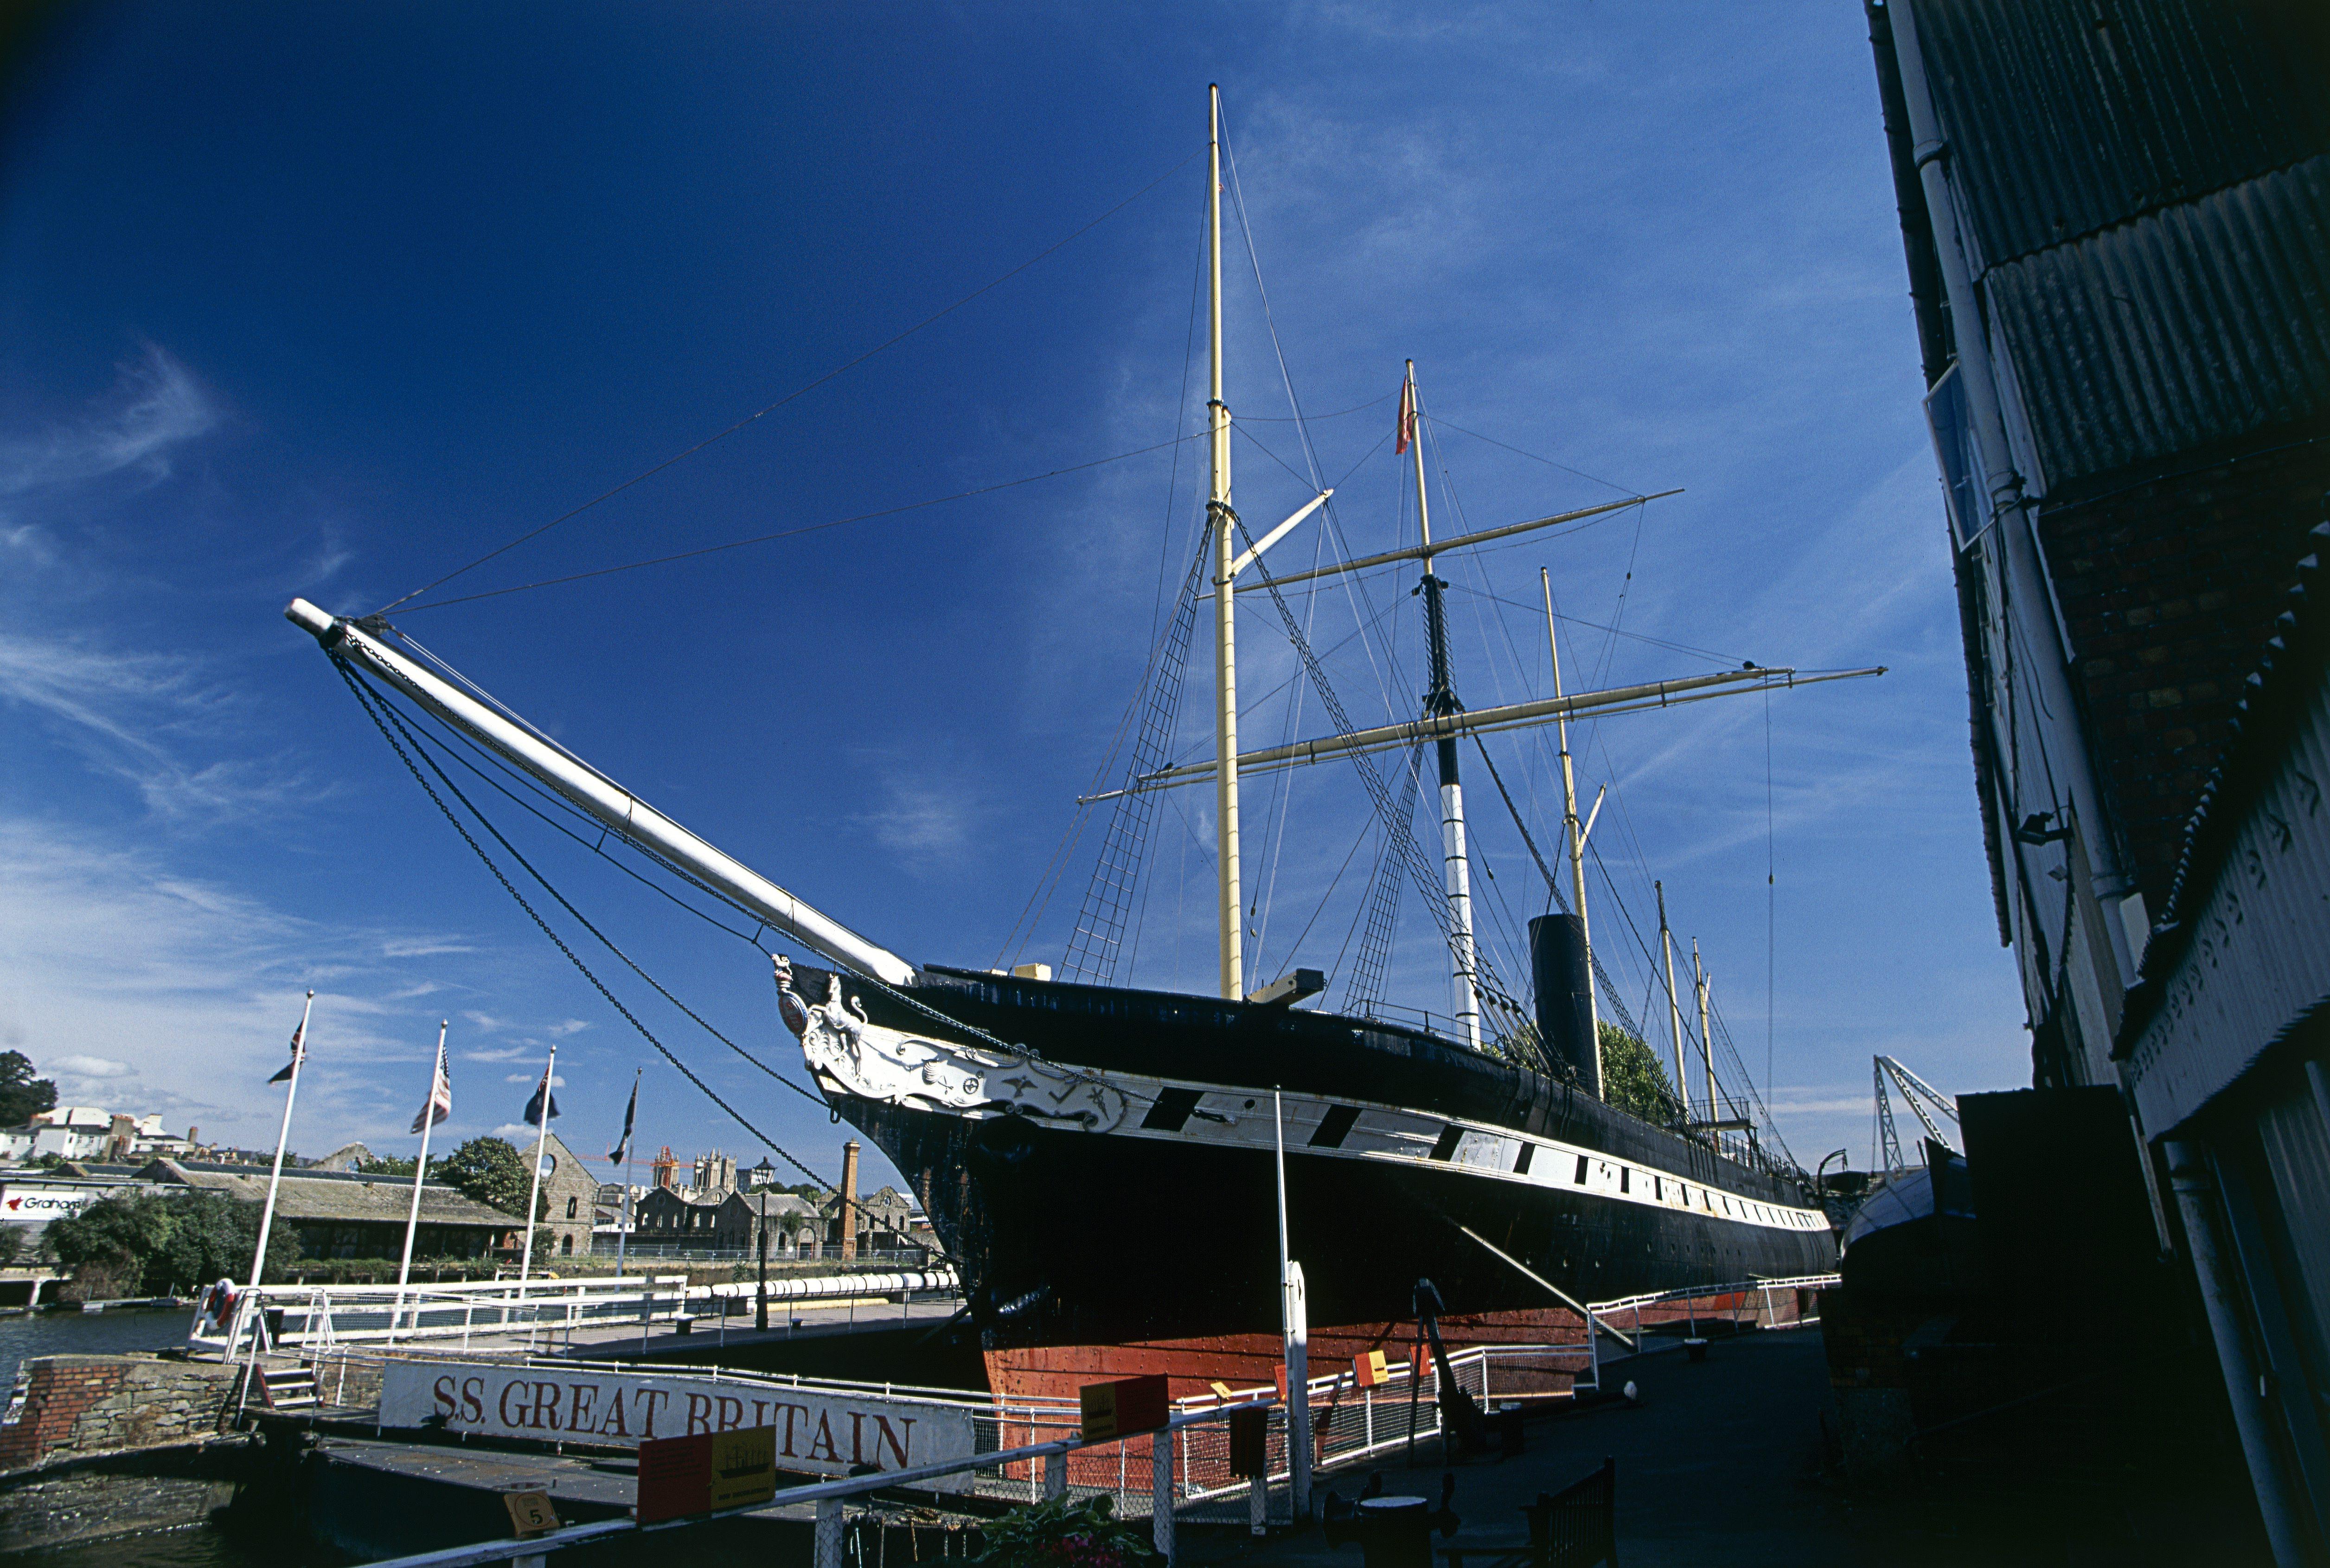 SS Great Britain, stedentrip, bristol